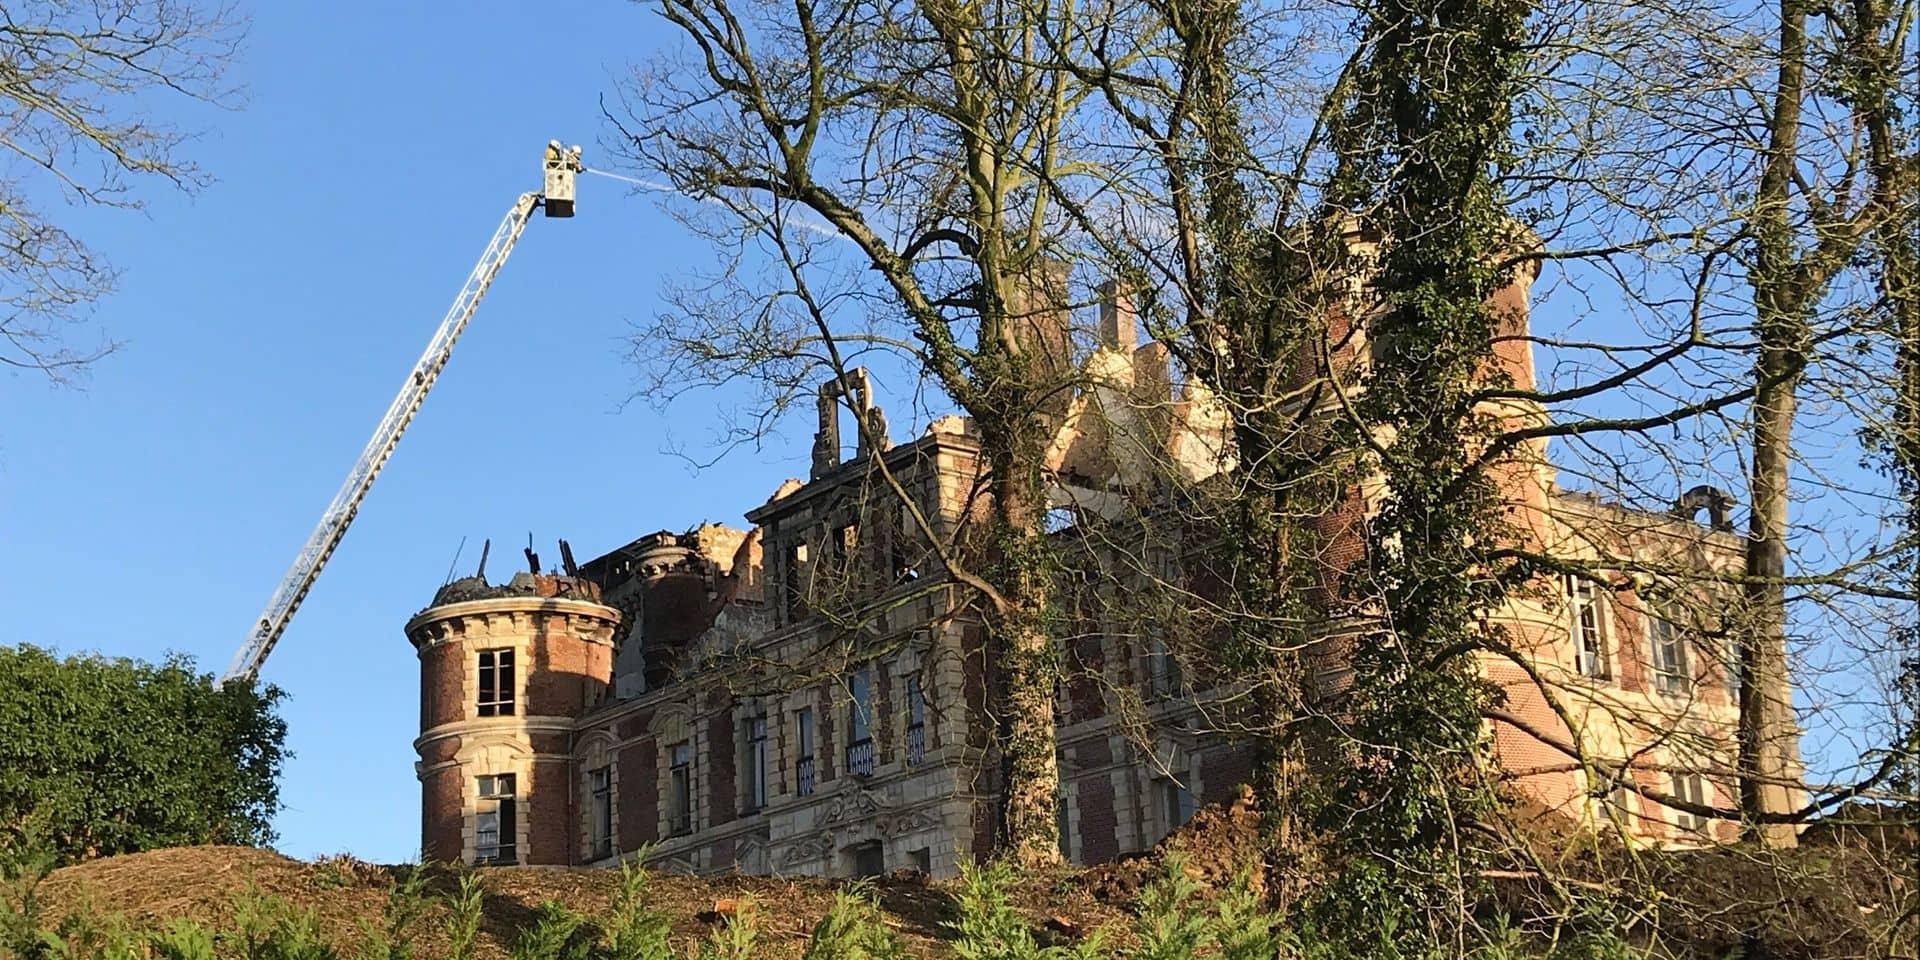 À qui appartient vraiment le château de Dongelberg ravagé par les flammes ?